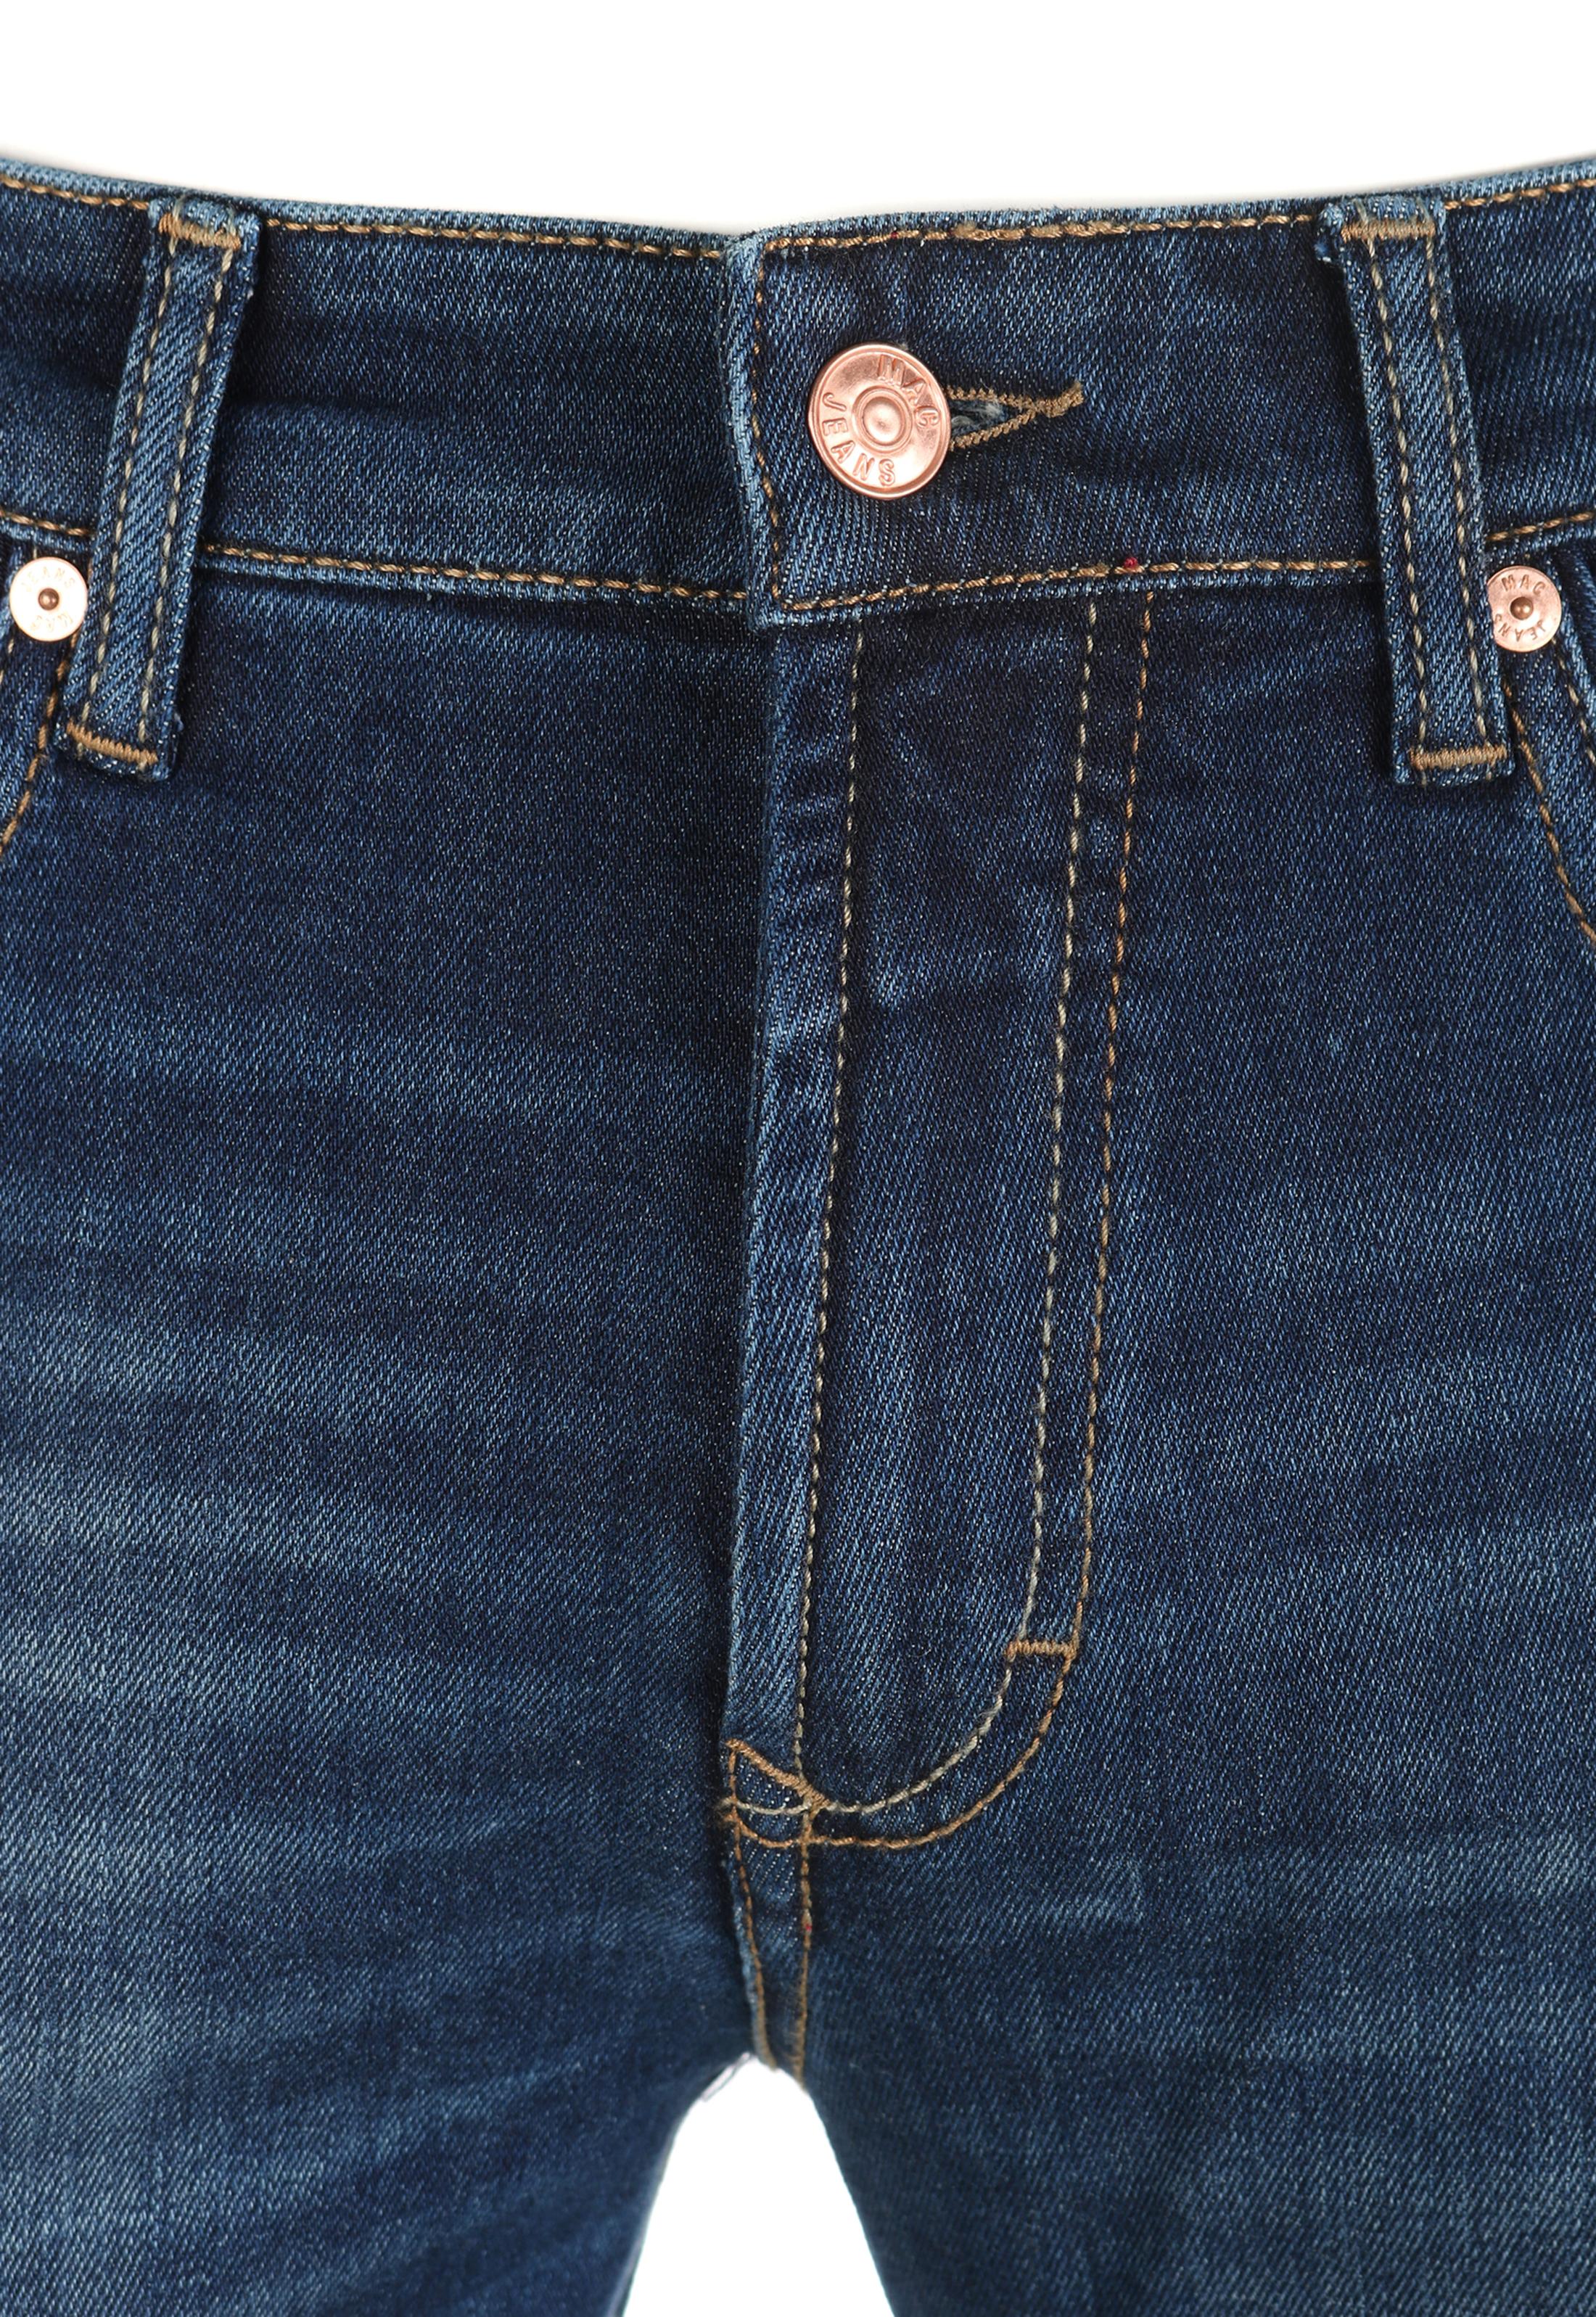 mac jeans arne pipe h688 online bestellen suitable. Black Bedroom Furniture Sets. Home Design Ideas